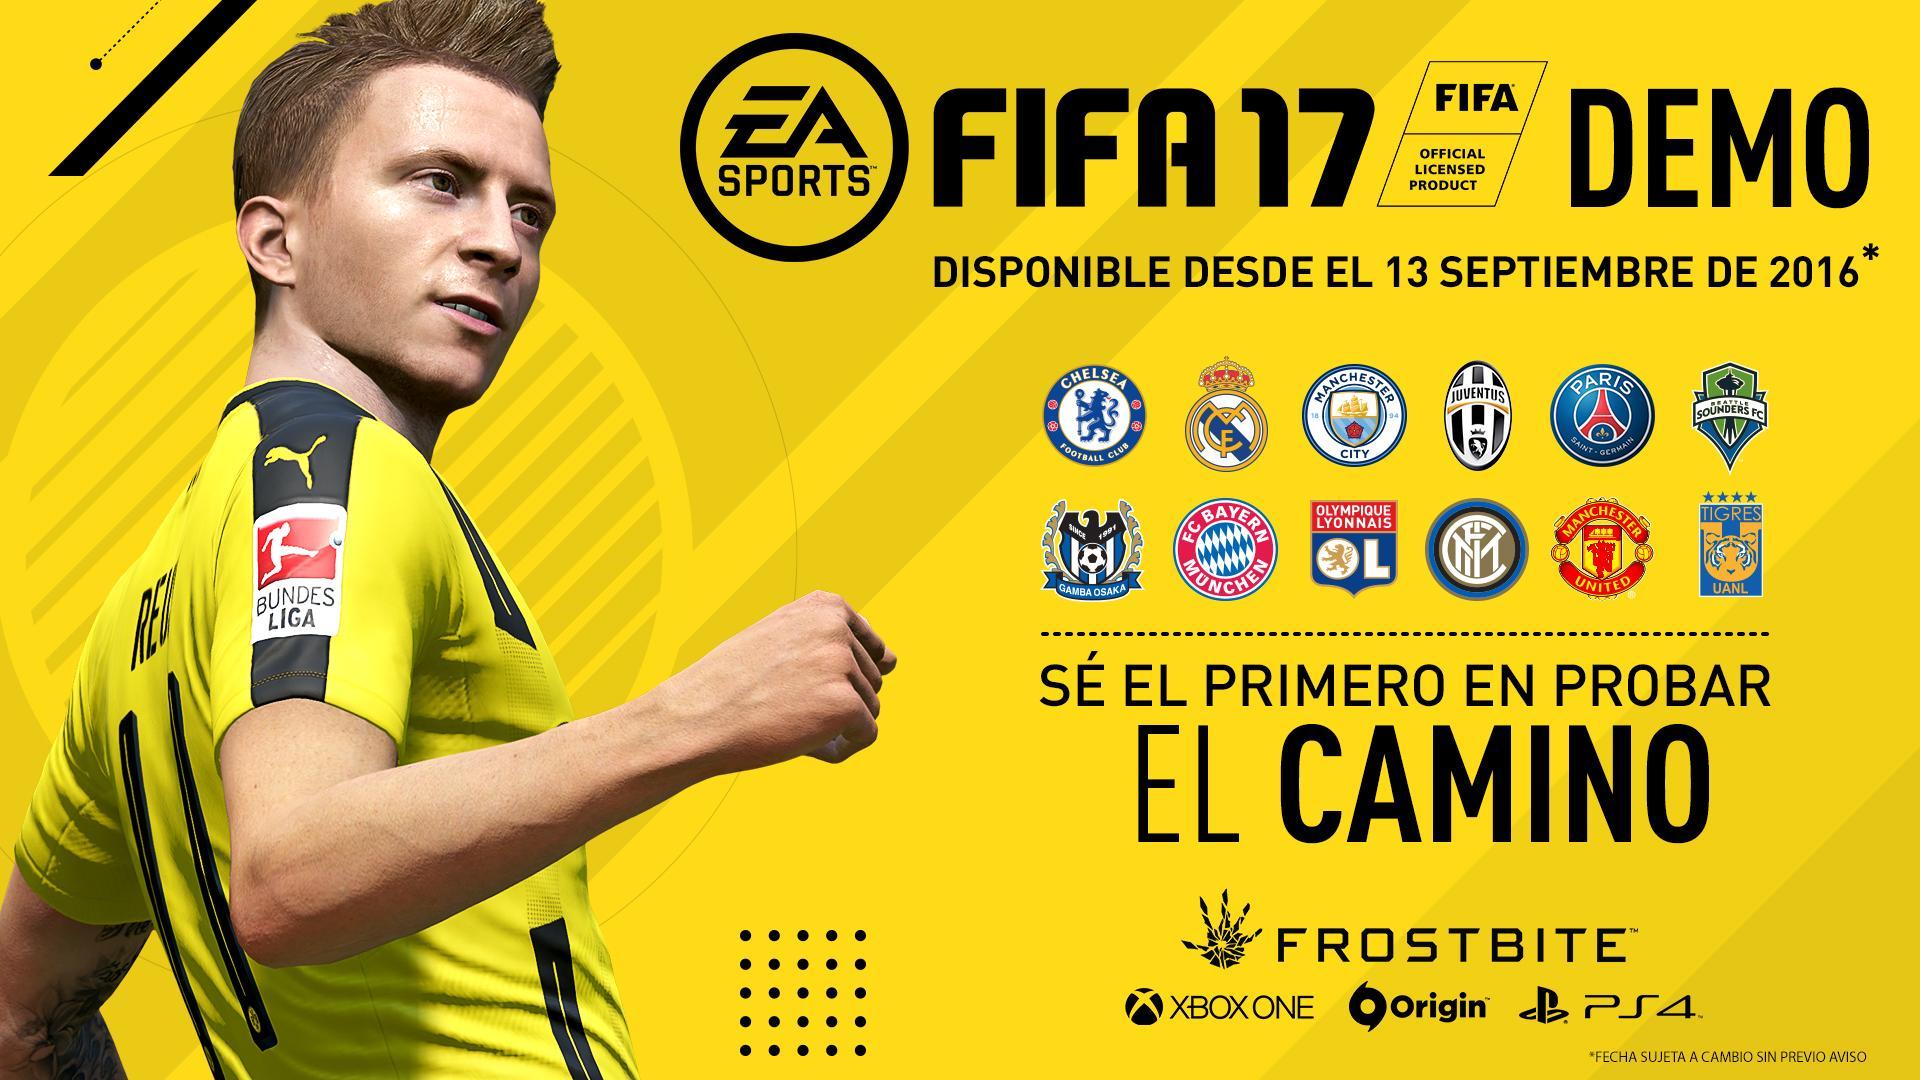 Demo de FIFA 17